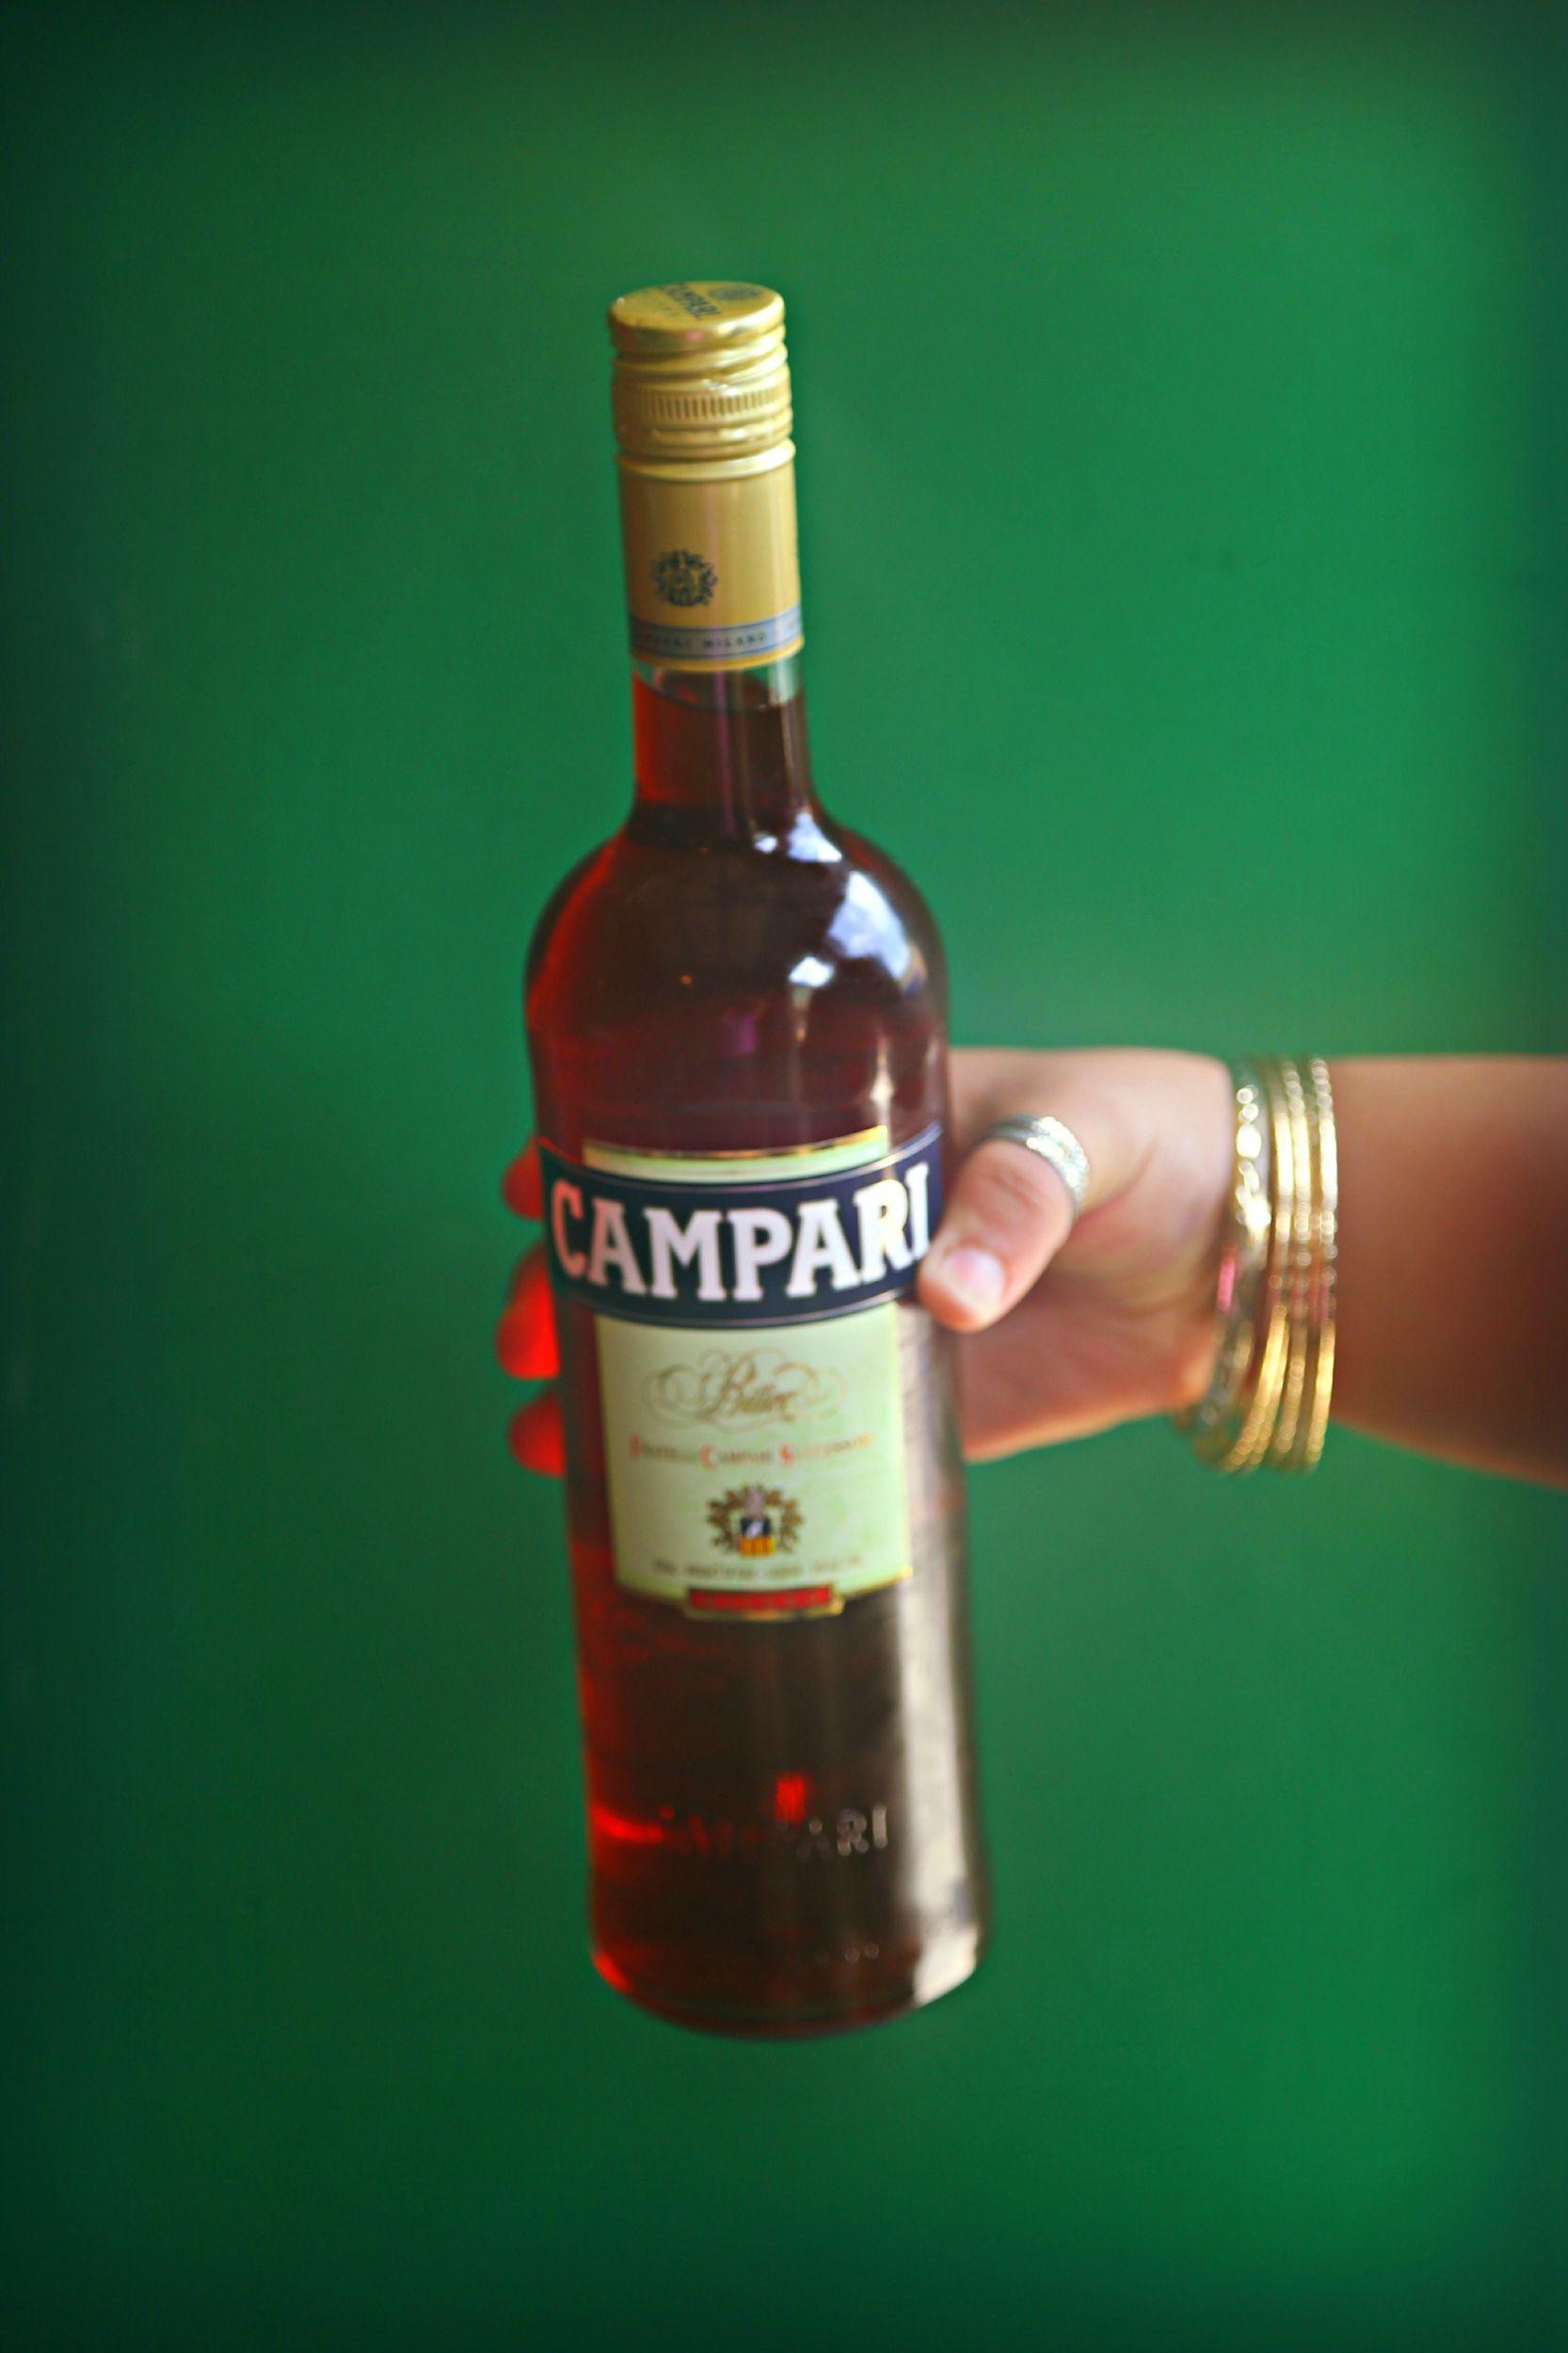 campari-cocktail-sweetlifebake-vianneyrodriguez